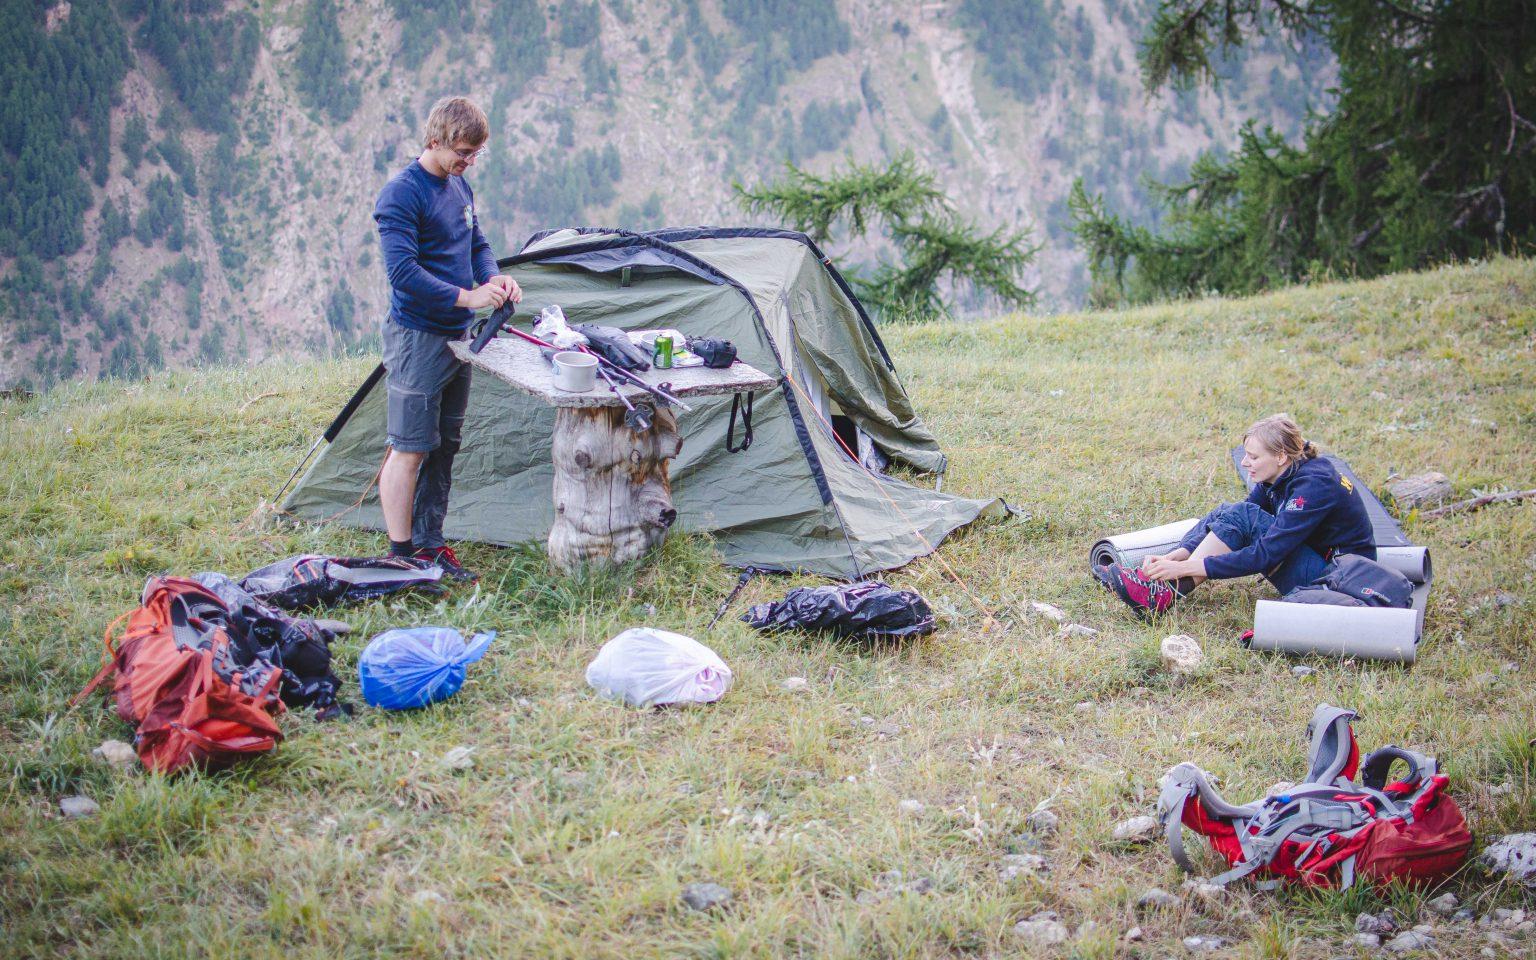 Kobieta i mężczyzna przy namiocie na polanie